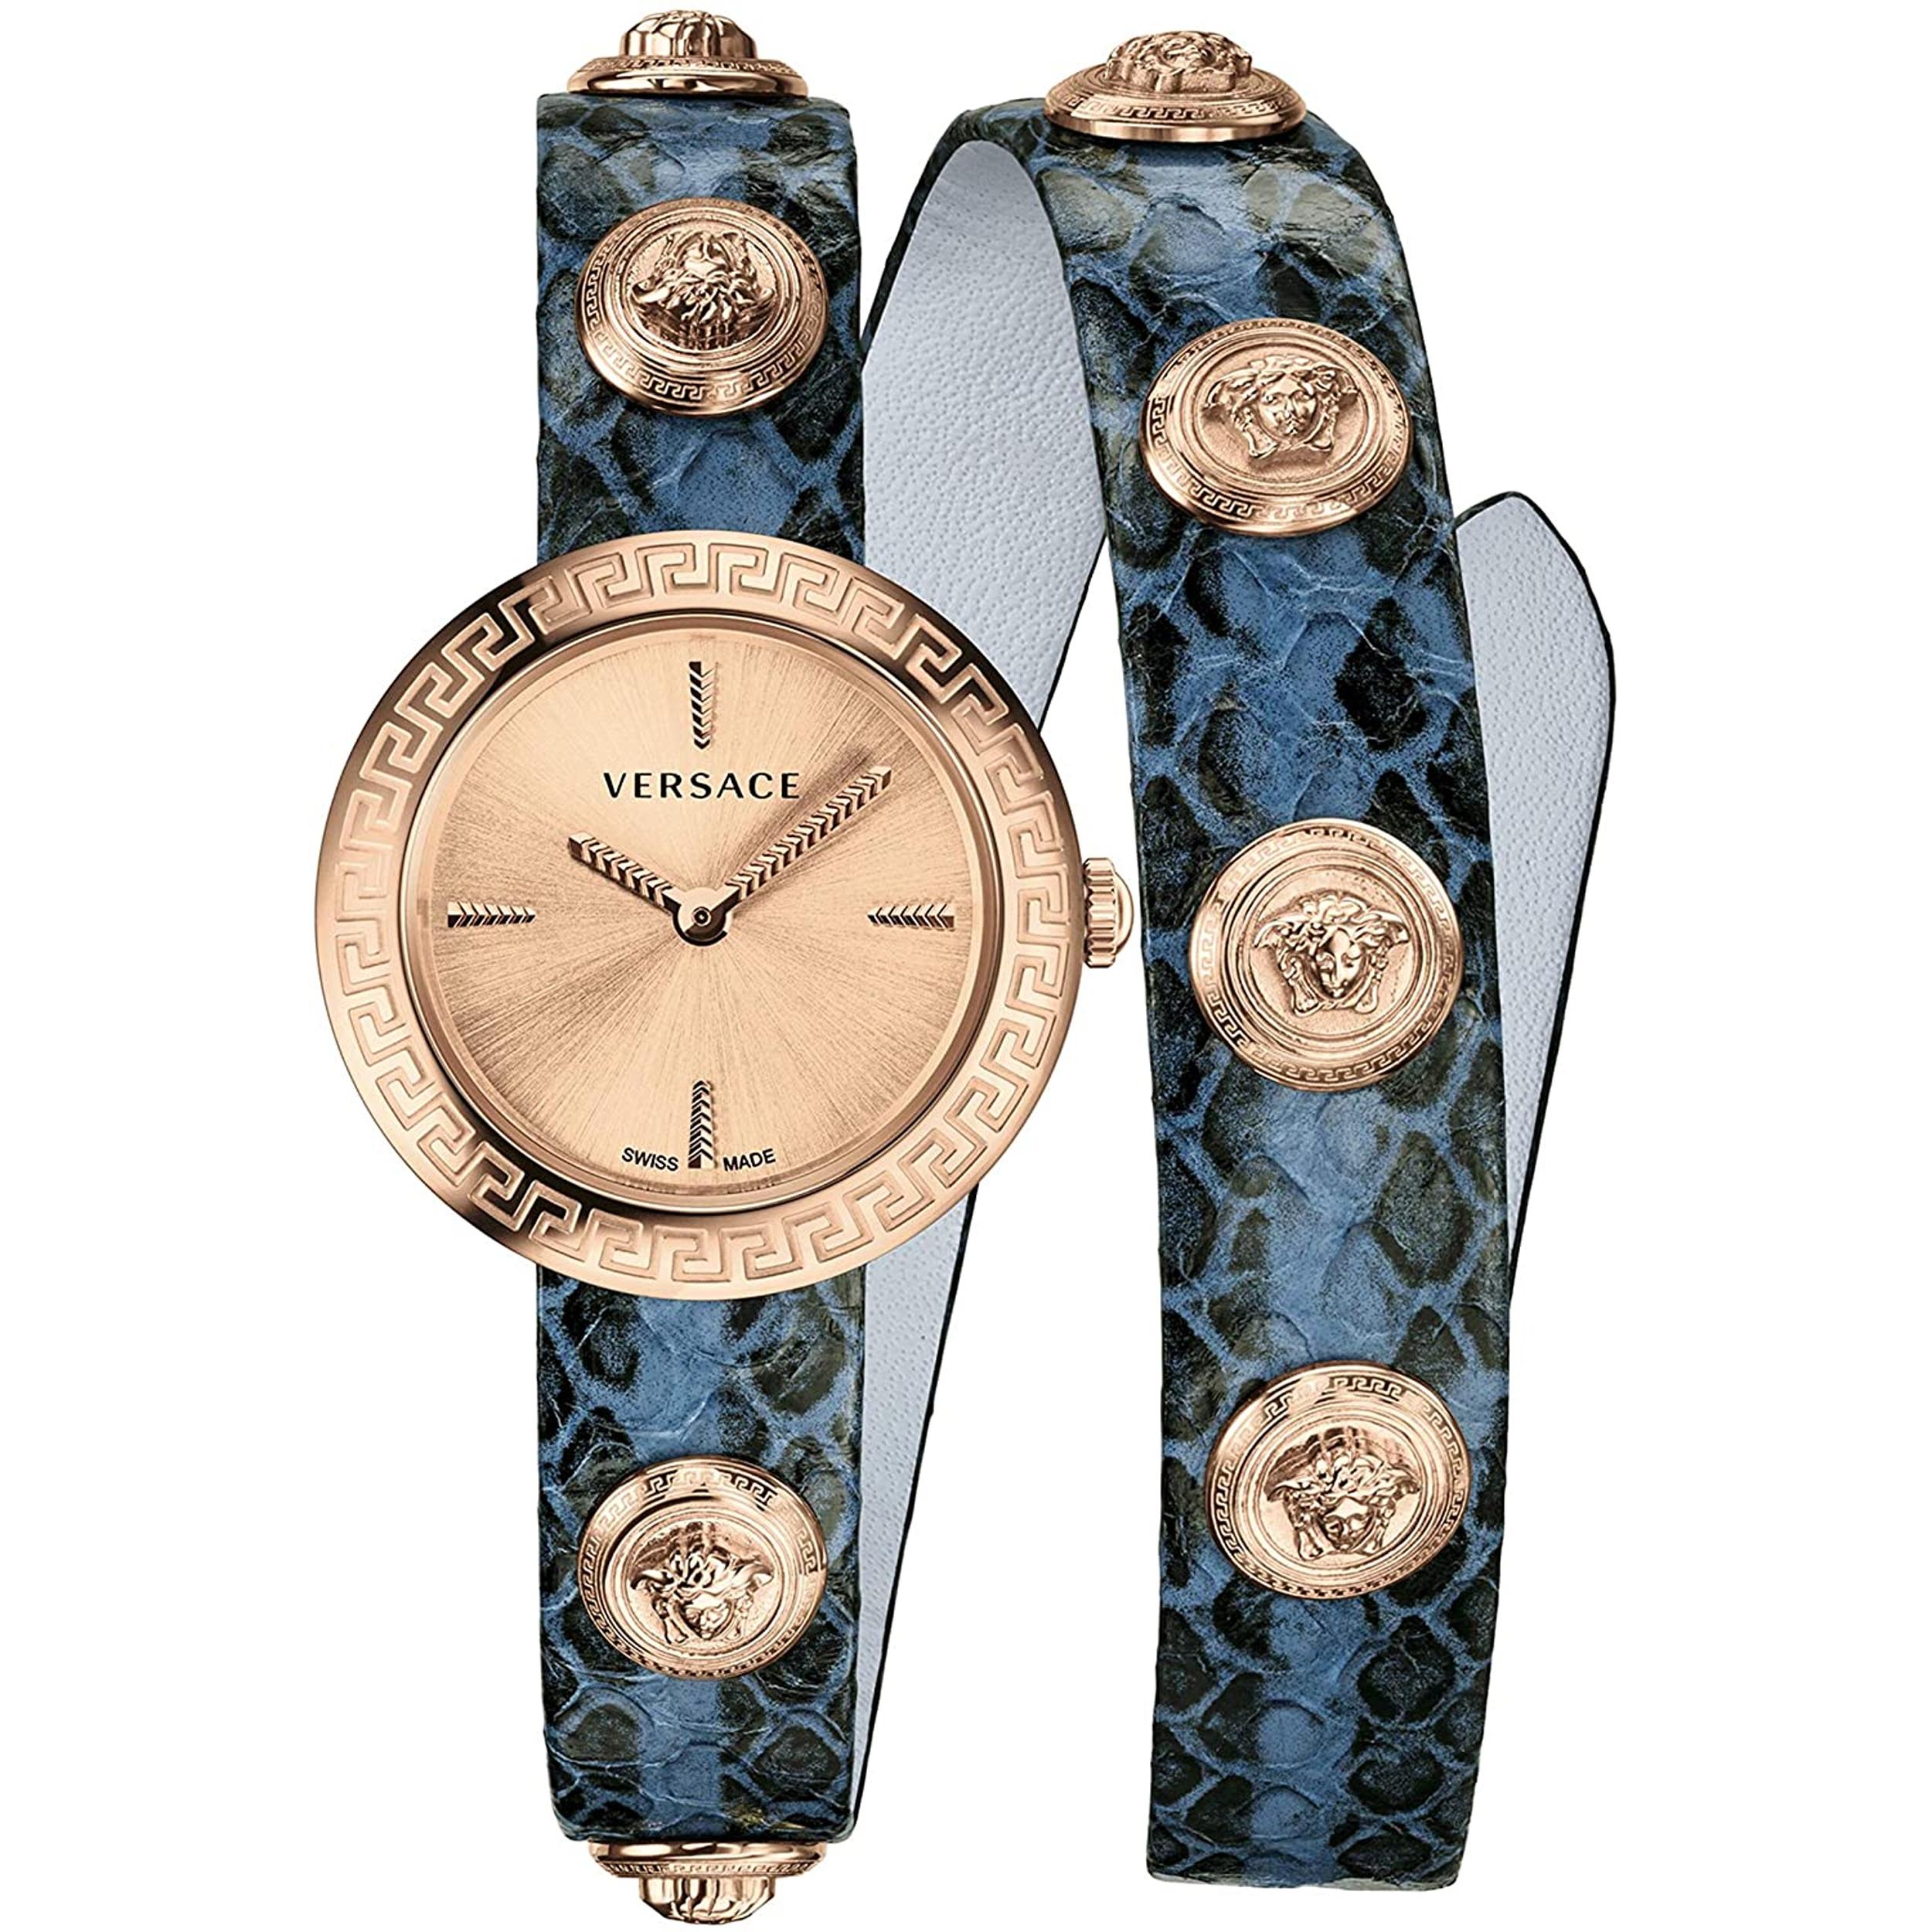 ساعت مچی عقربه ای زنانه ورساچه مدل VERF004 18